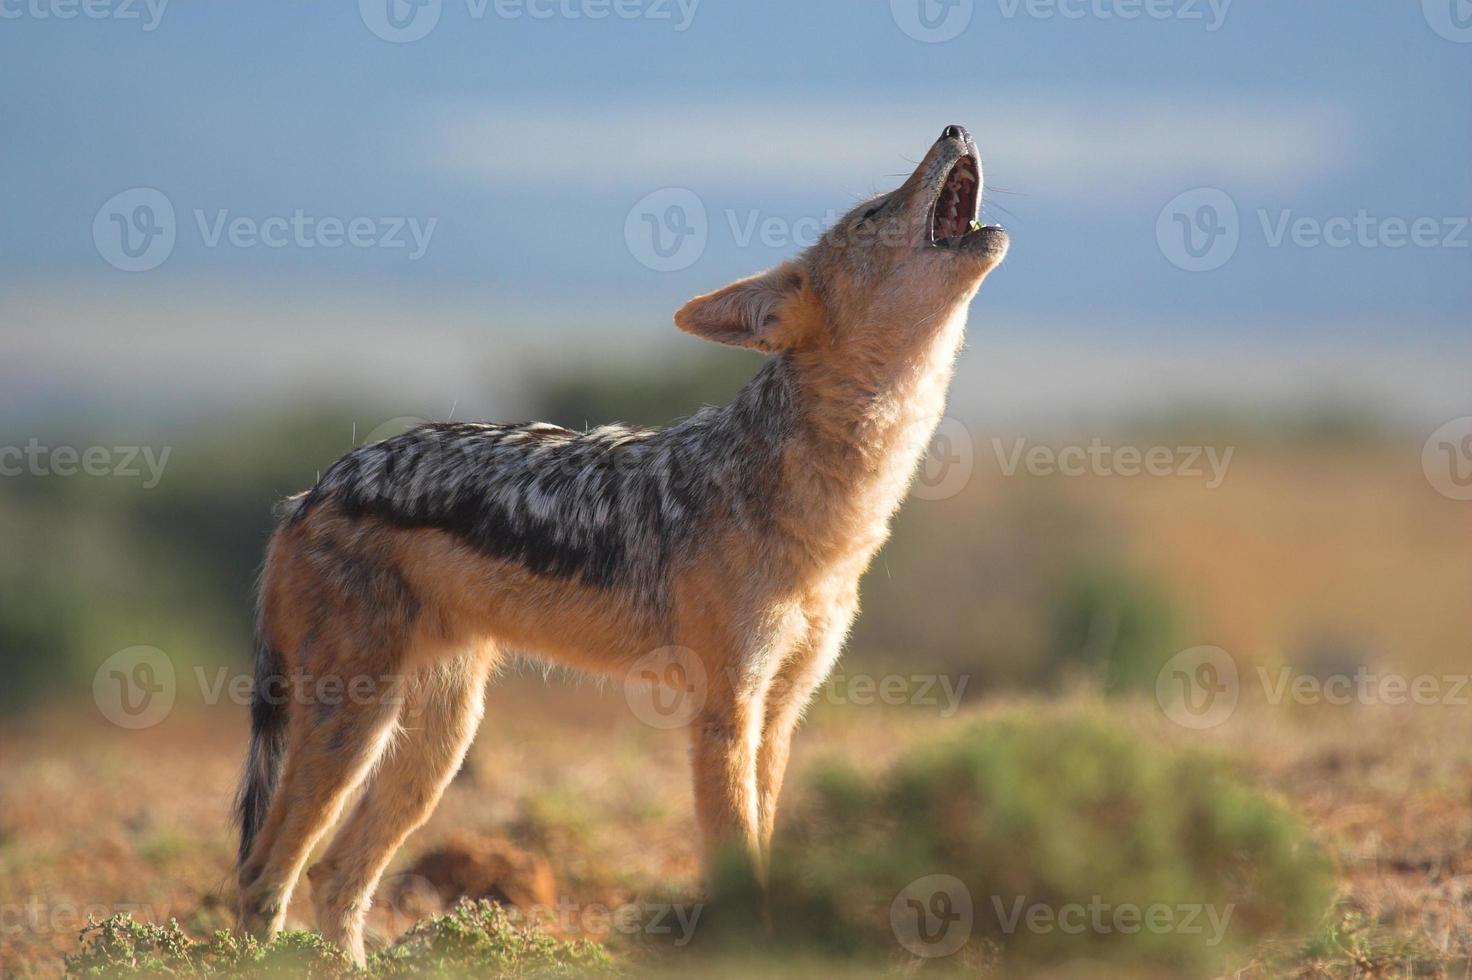 heulender Kojote in der Wüstenlandschaft foto